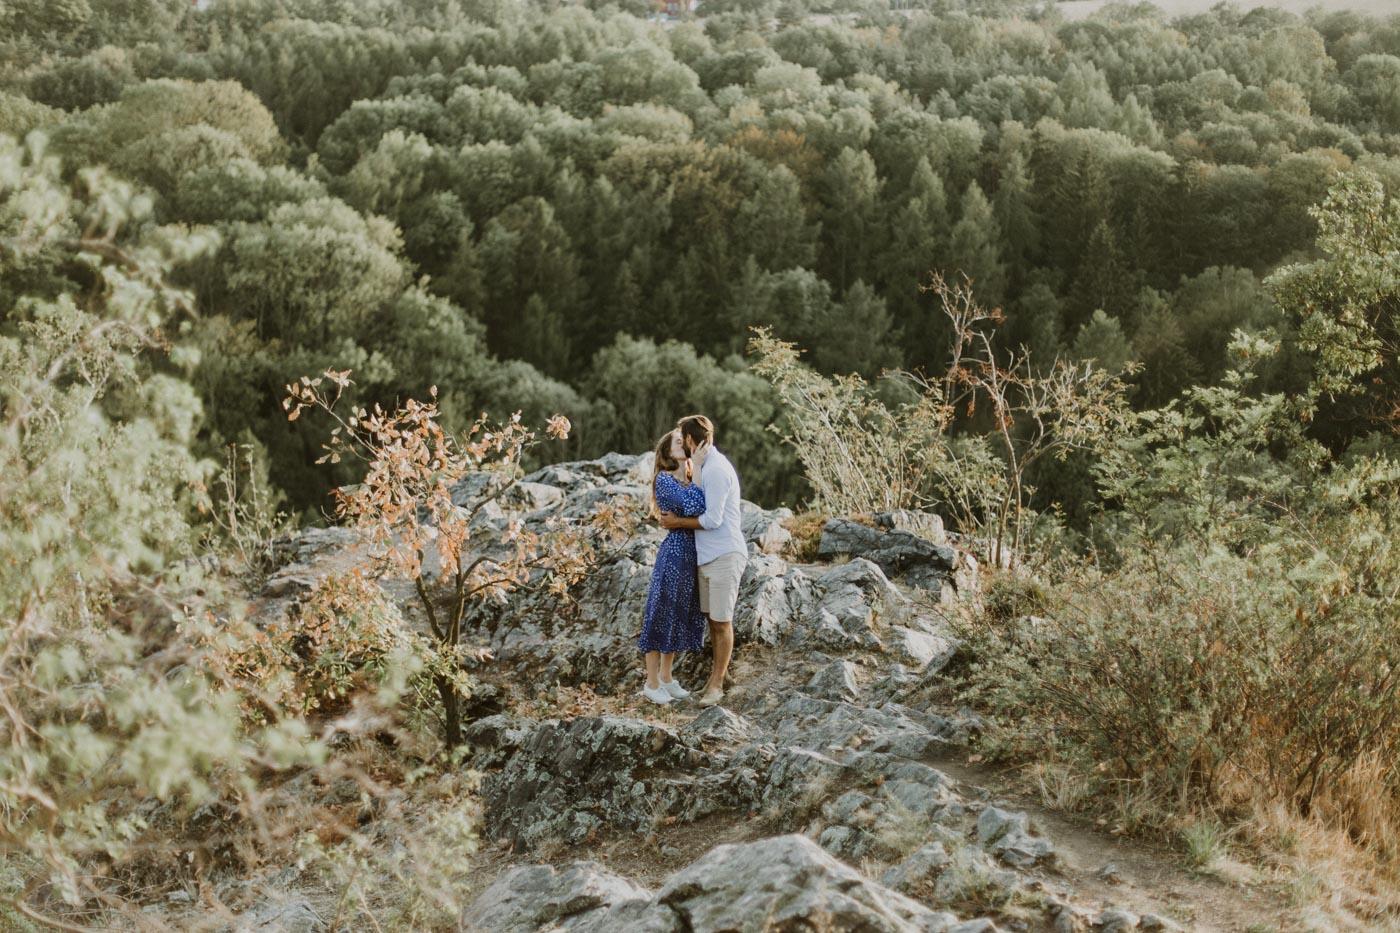 rande v divoké šárce